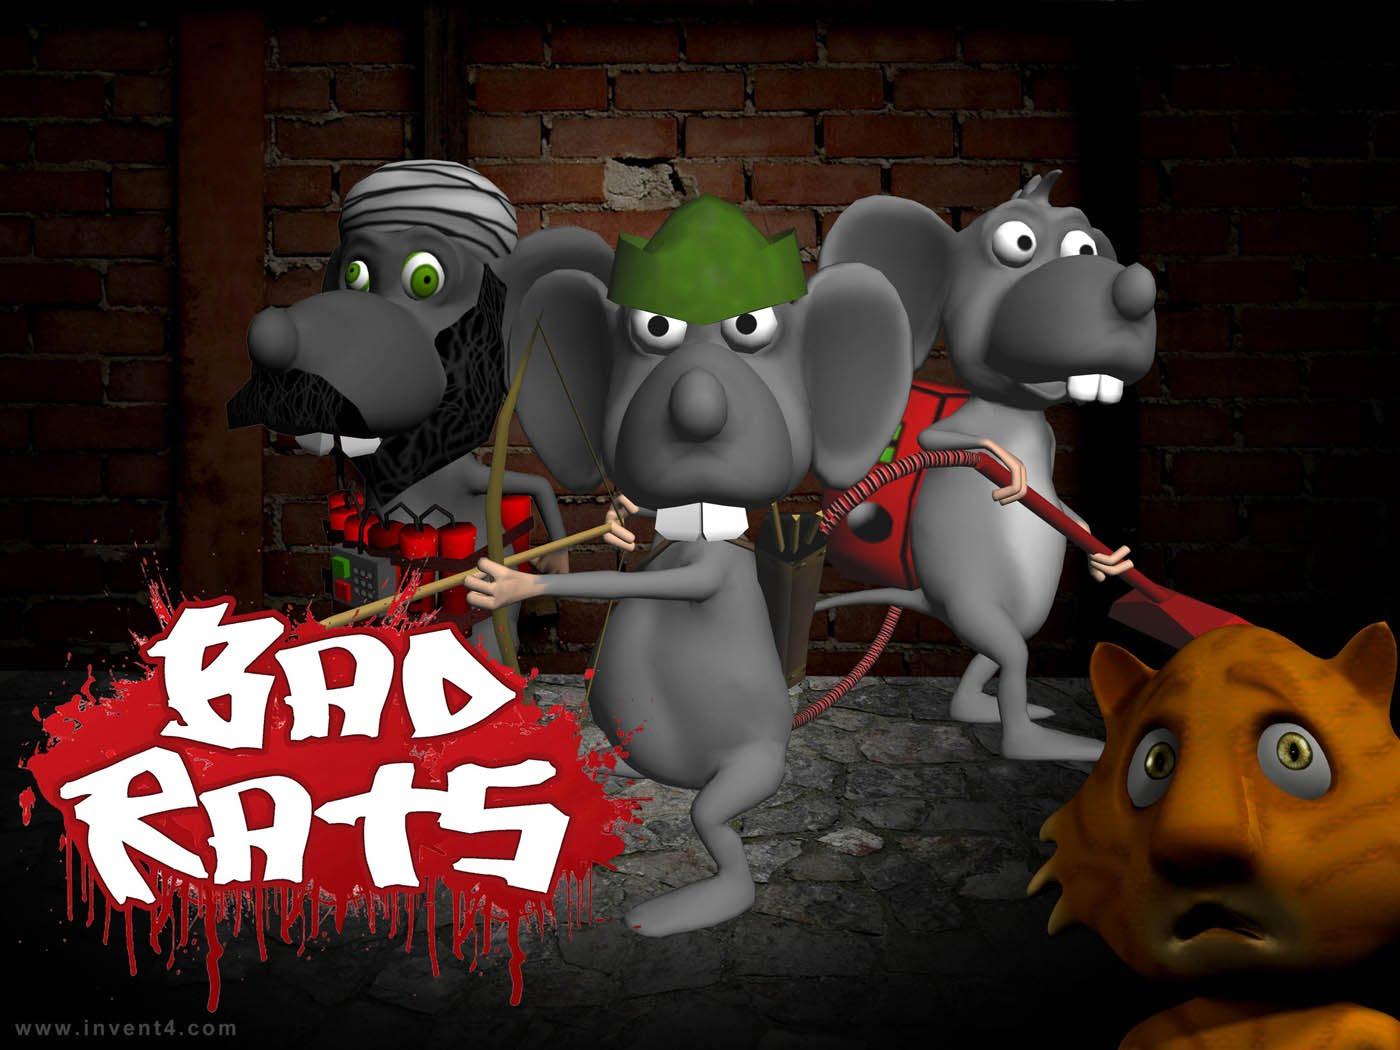 Music06 - Bad Rats: The Rats' Revenge